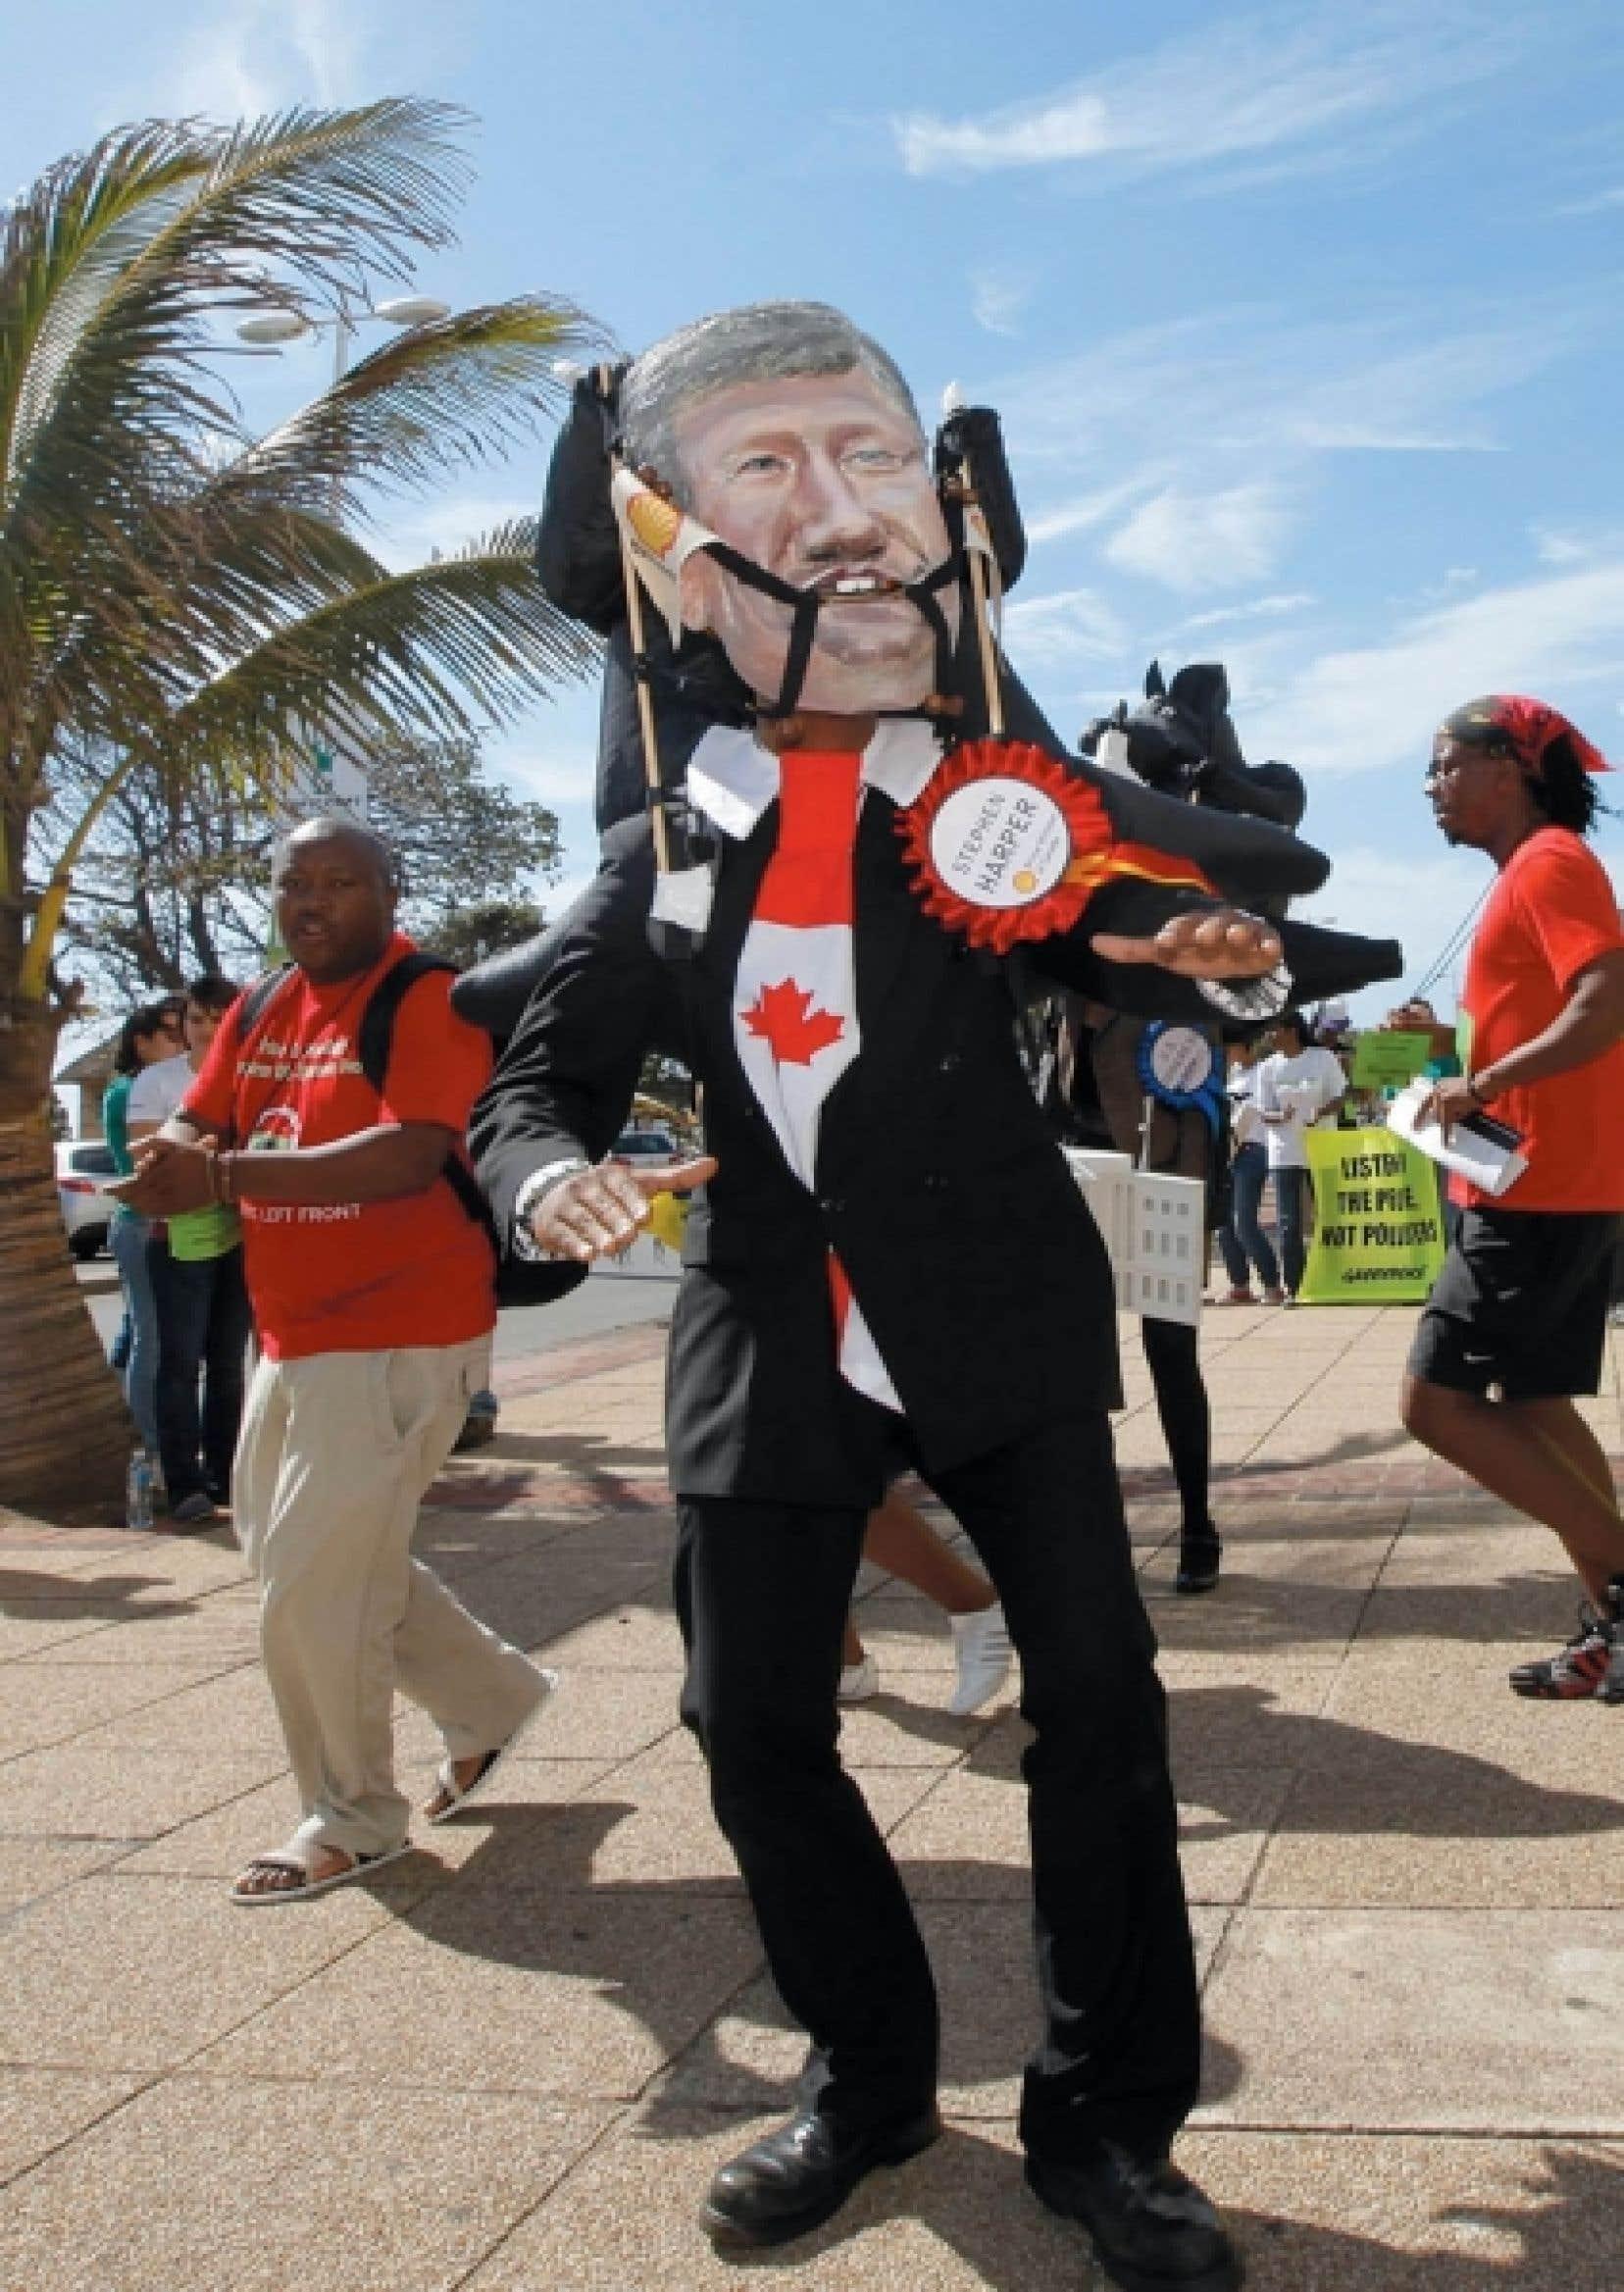 Un manifestant portant un masque &agrave; l&rsquo;effigie du premier ministre Harper d&eacute;nonce la position du Canada face au Protocole de Kyoto, &agrave; l&rsquo;occasion&nbsp; de la conf&eacute;rence de Durban sur les changements climatiques, en d&eacute;cembre dernier.<br />